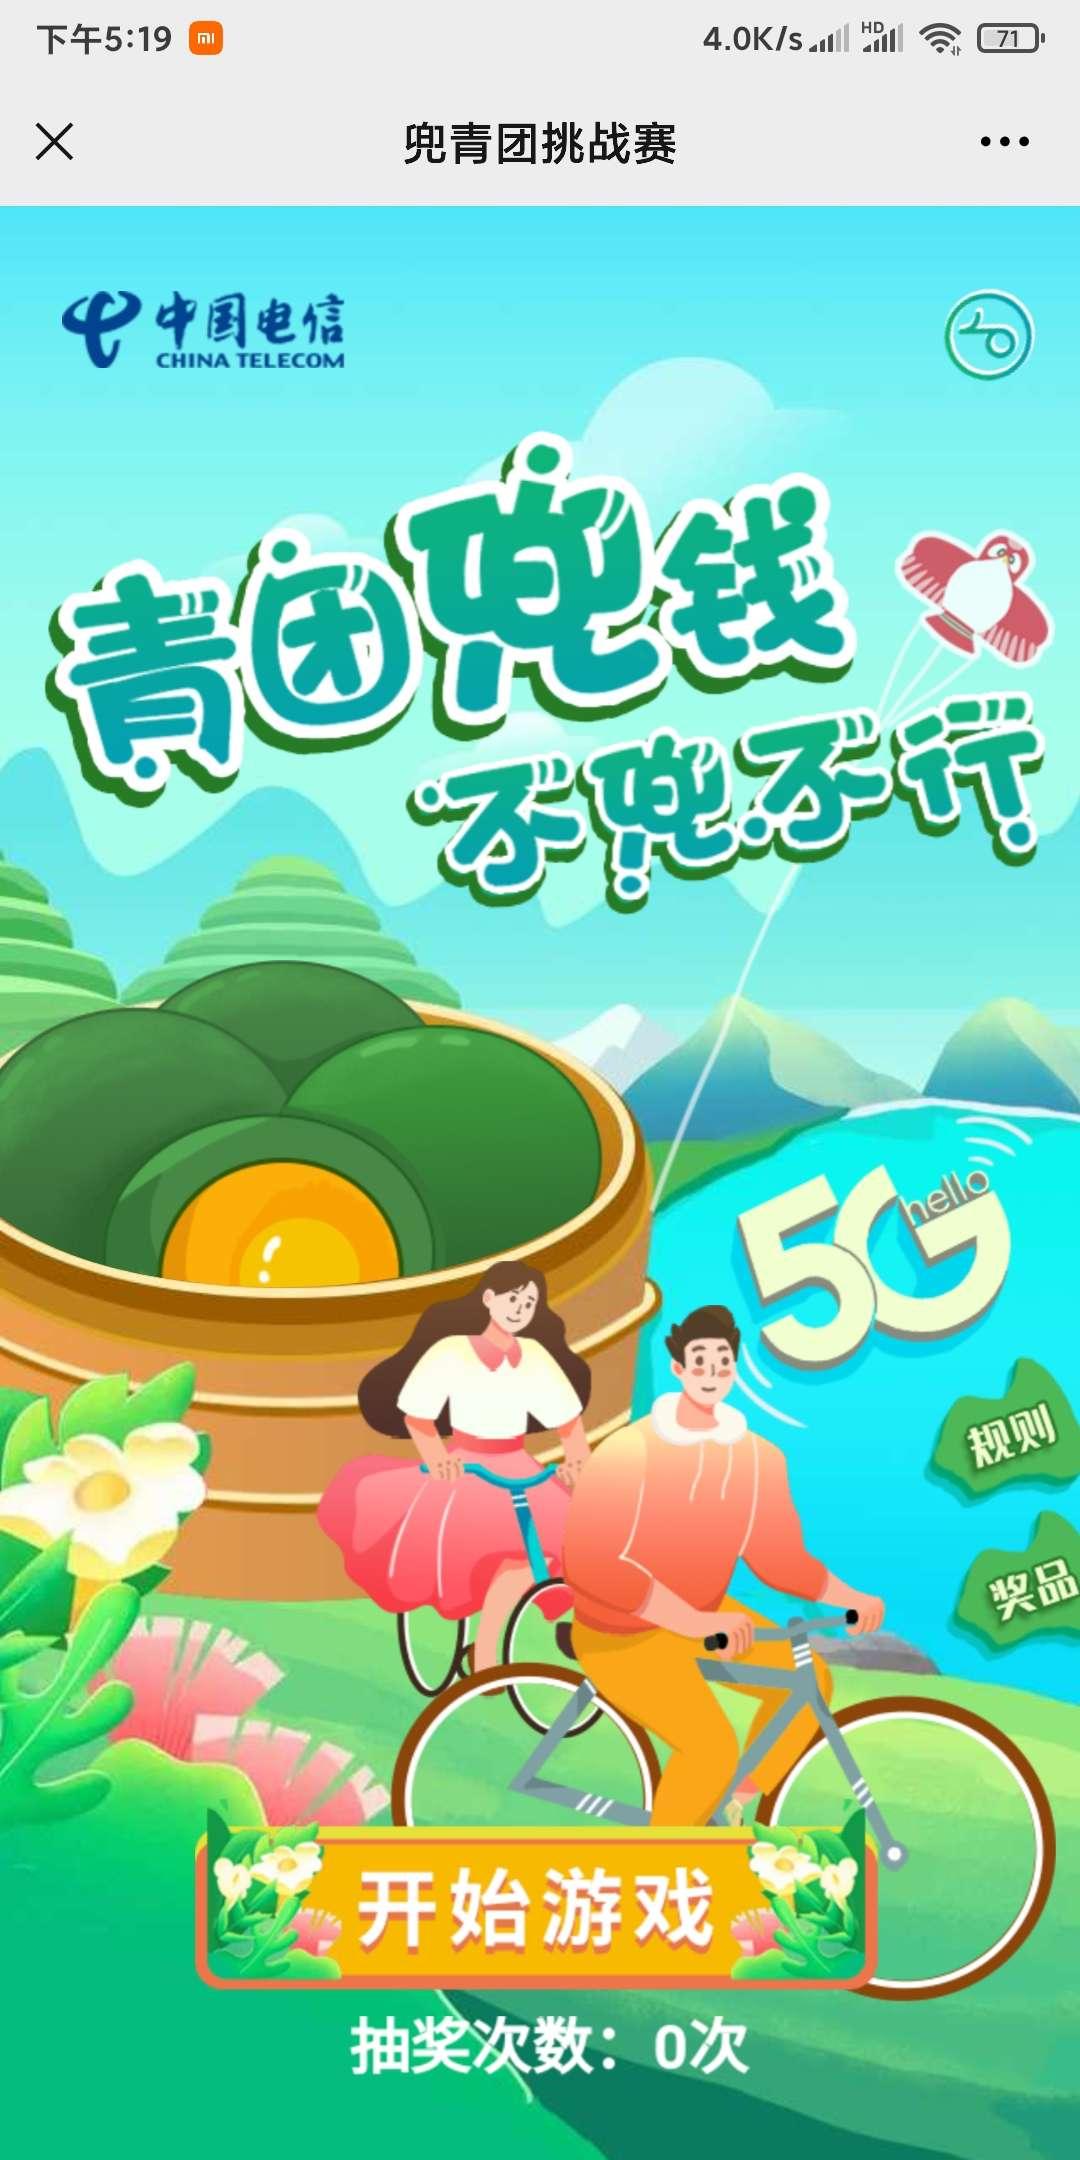 中国电信青团玩游戏抽红包